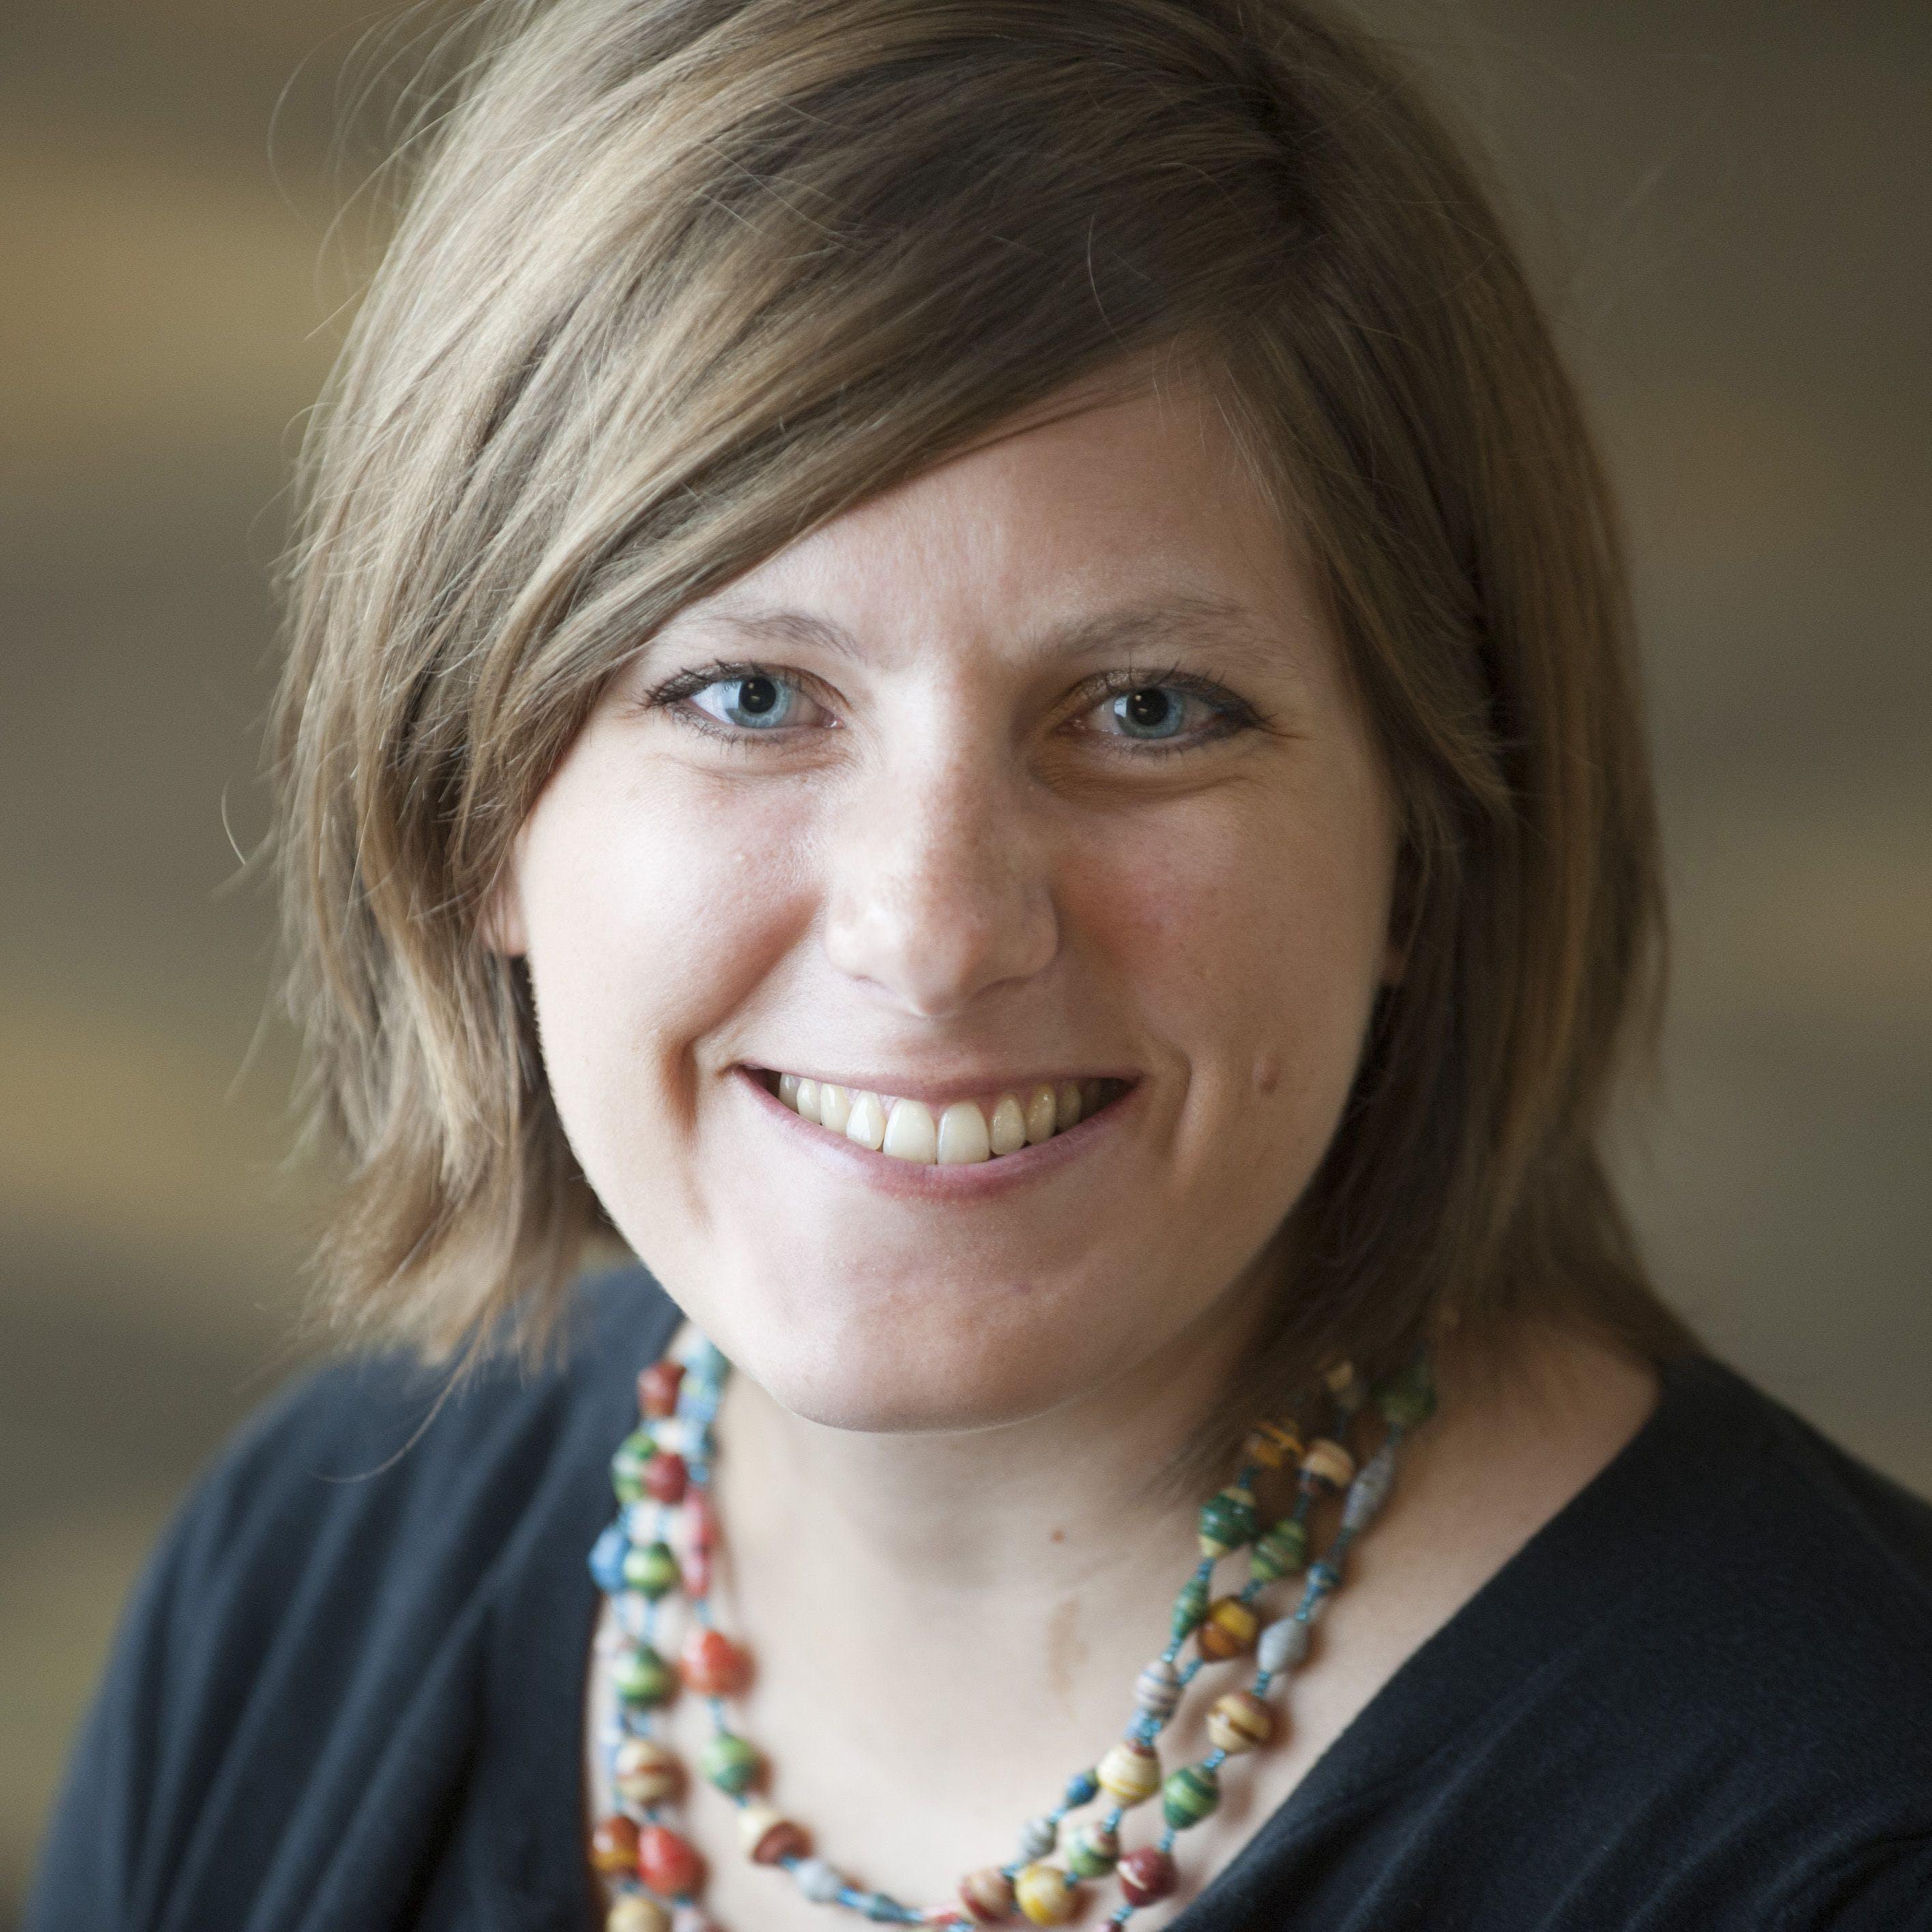 Bethany Gerdin